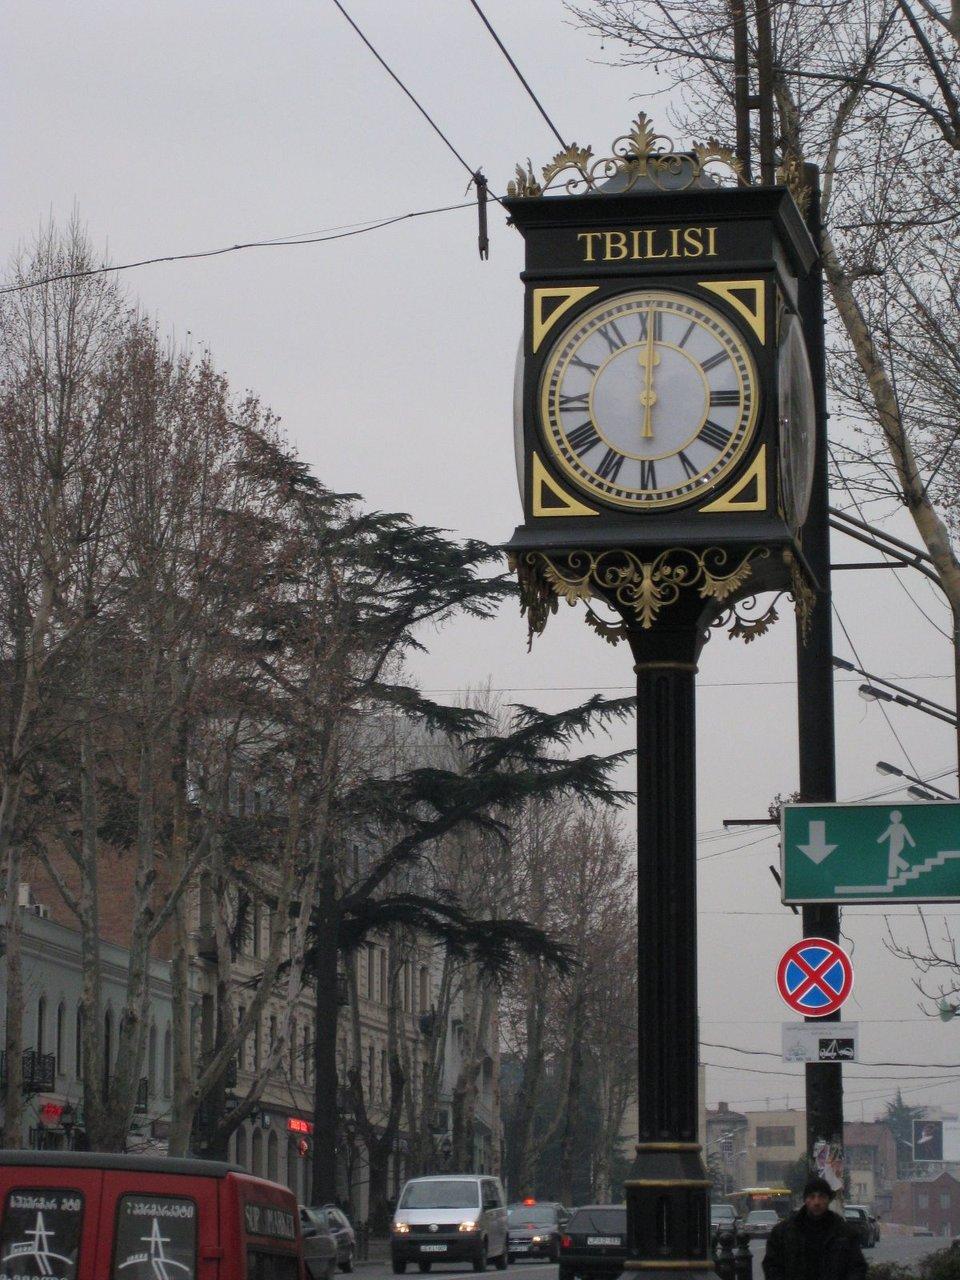 Pillar clock with town name